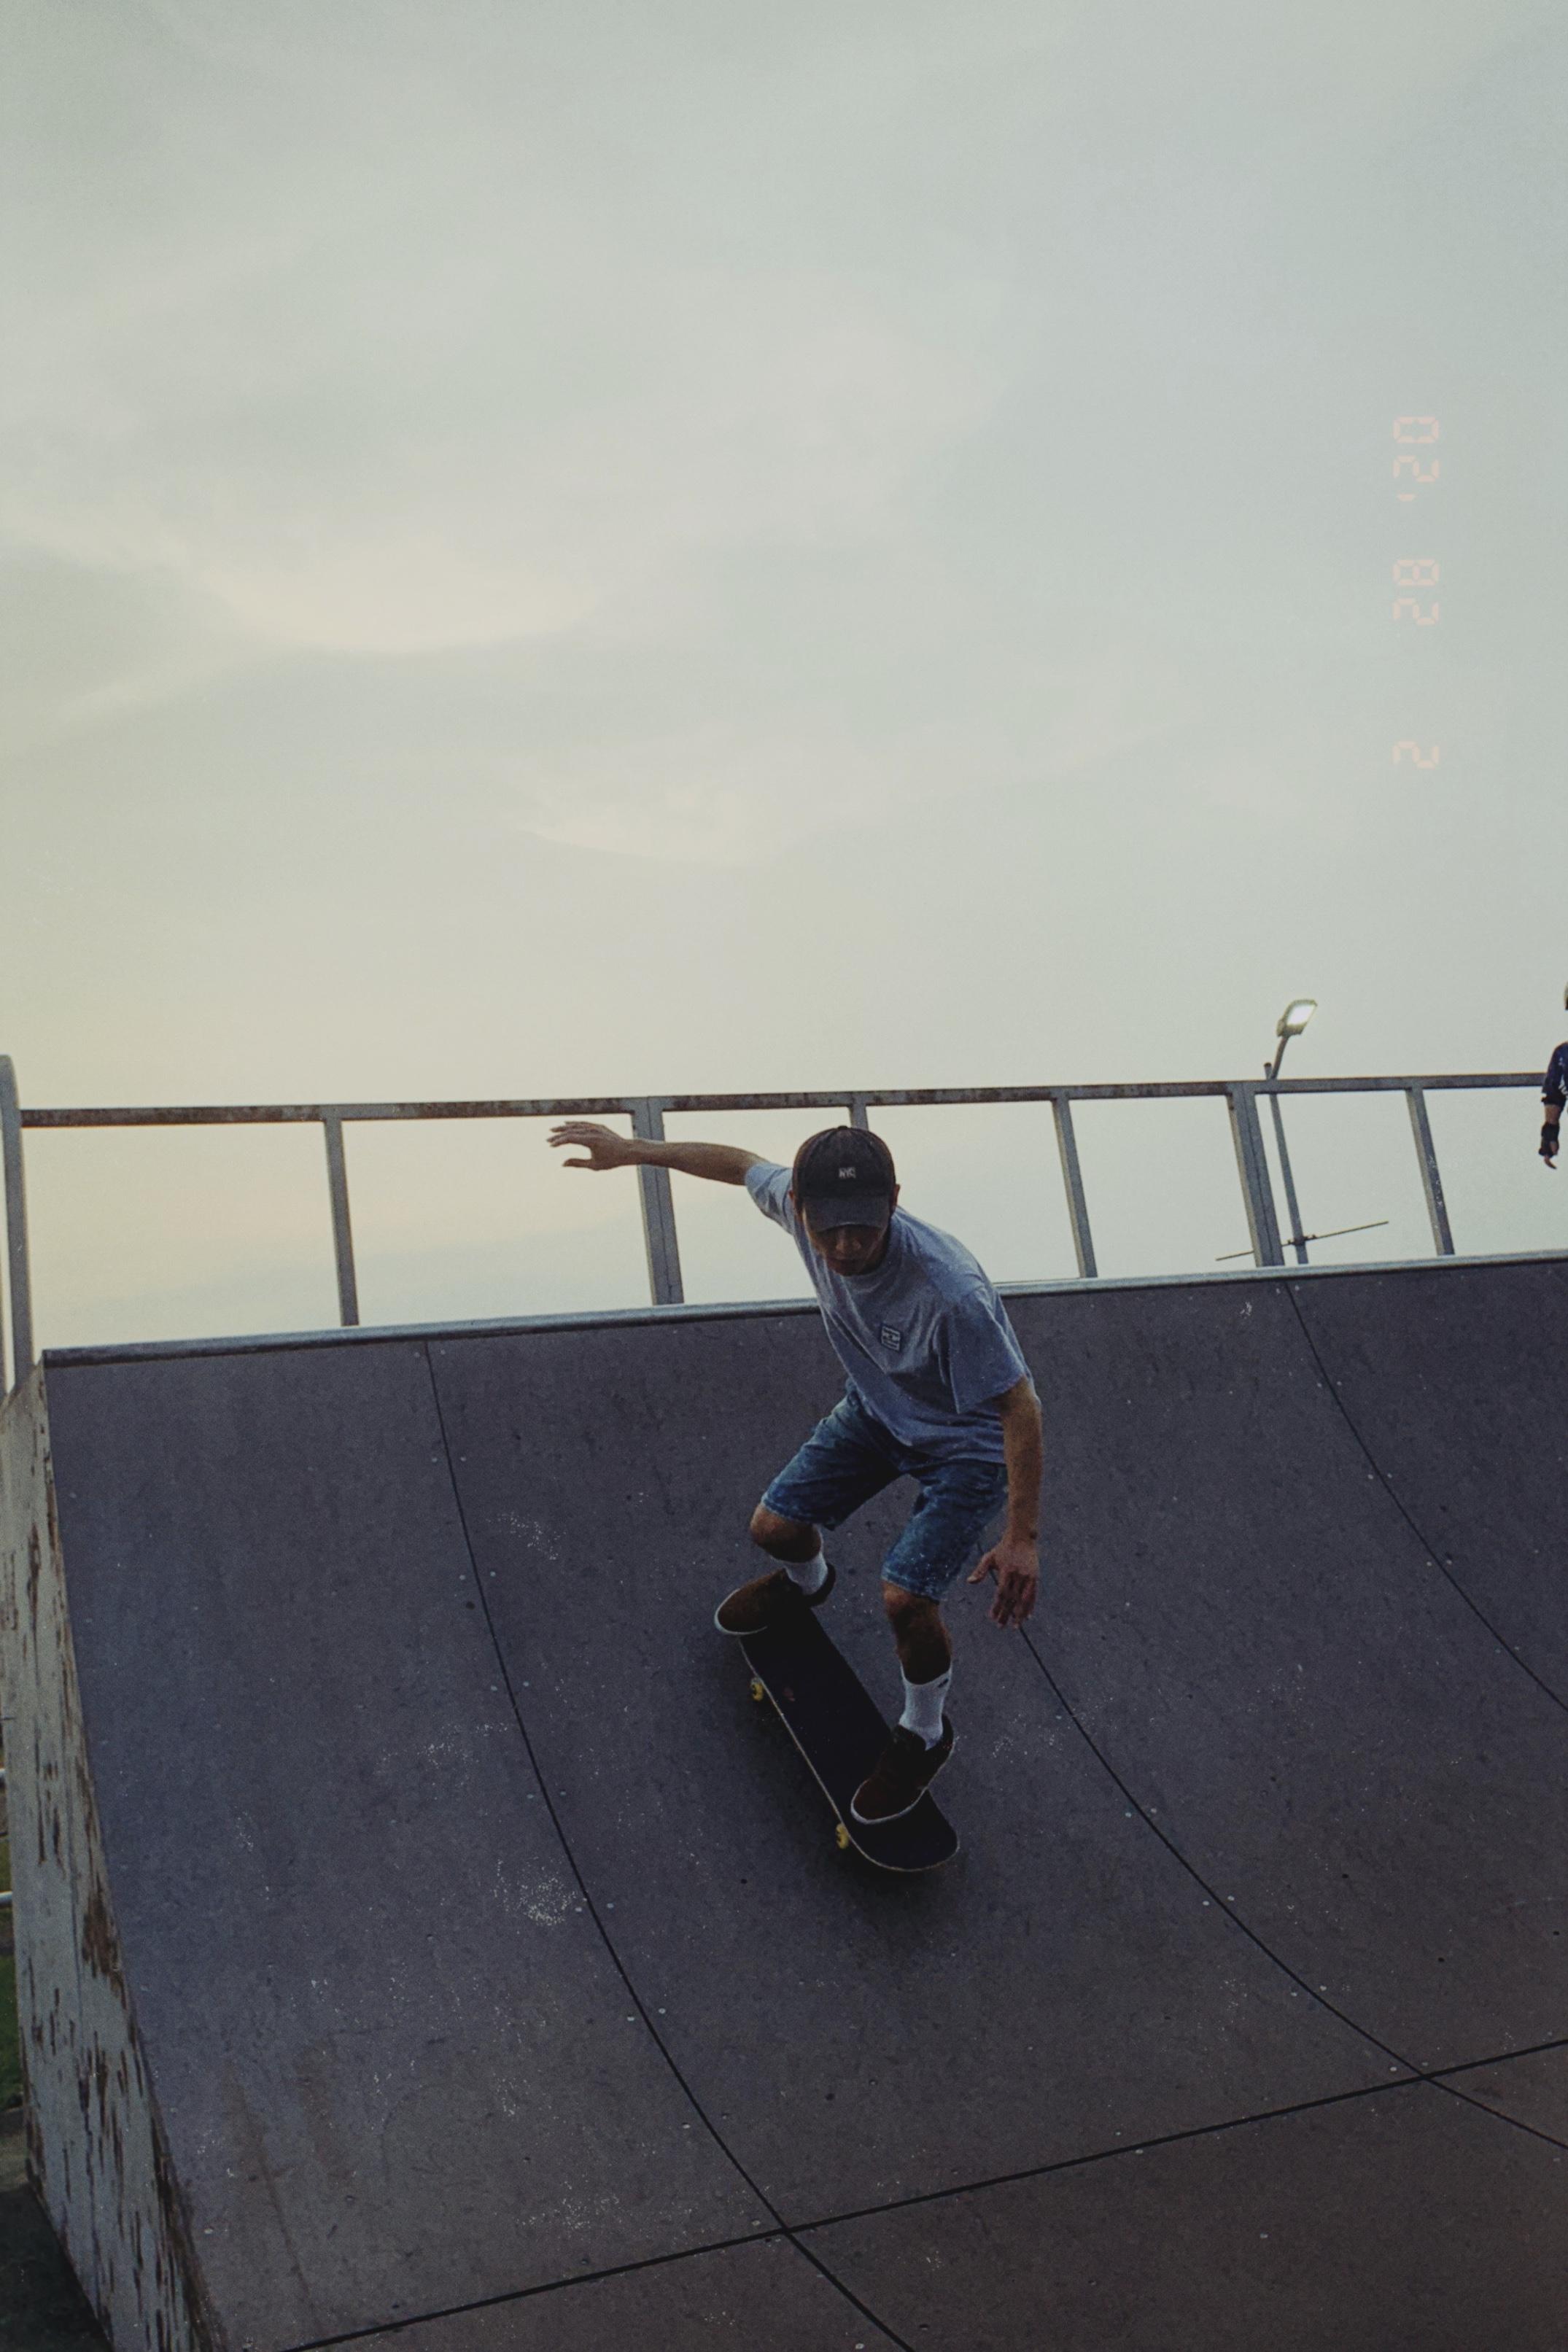 ▲上滑板運動的黃奕儒,也時常拿著滑板到處滑。